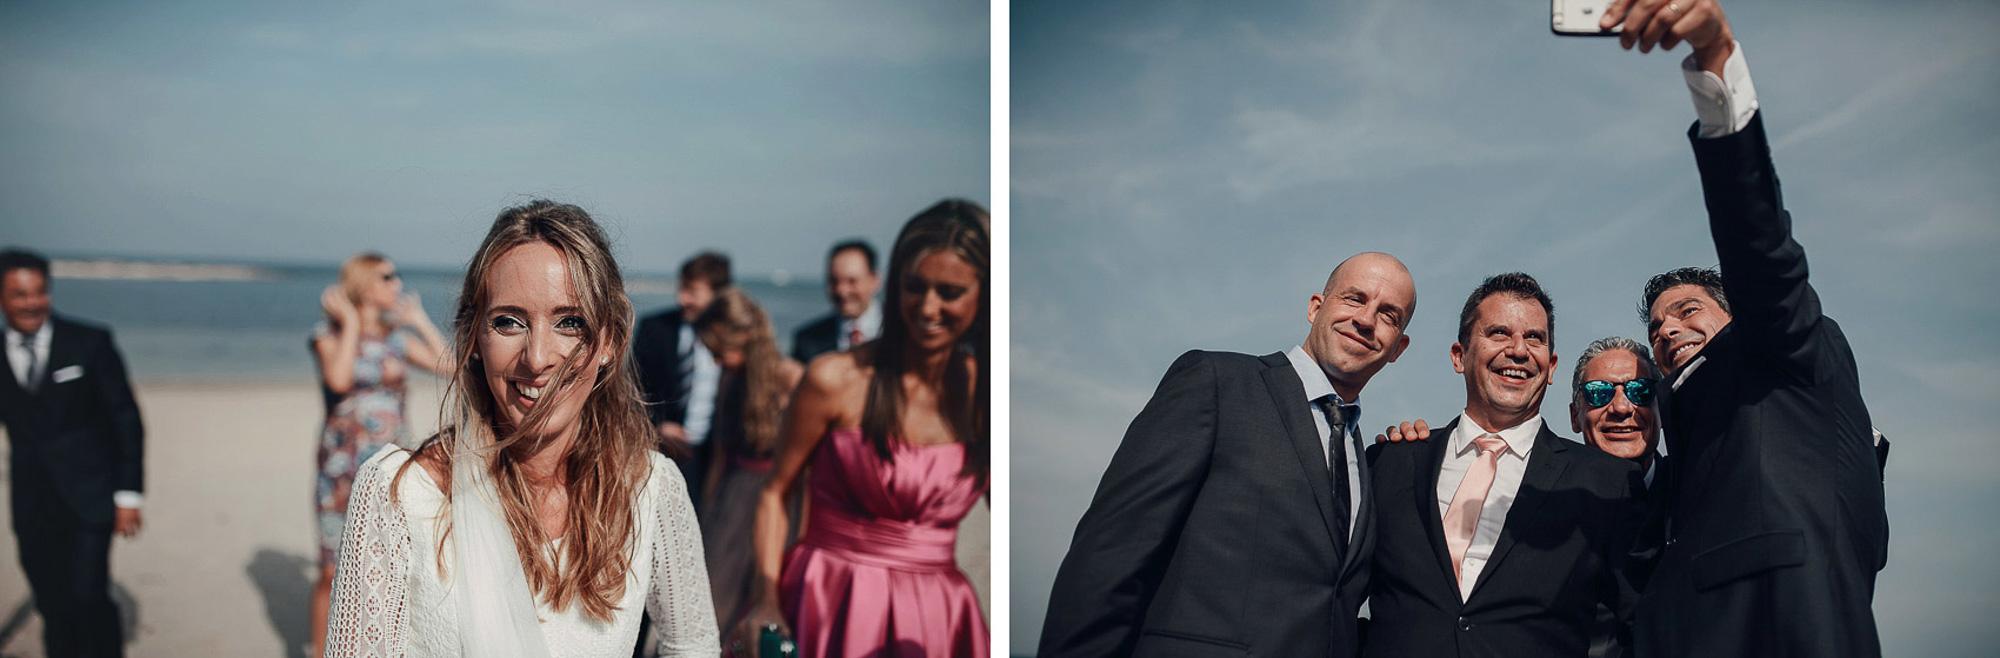 wedding invitados selfie Cabo de Palos playa novia restaurante Collados fotografia